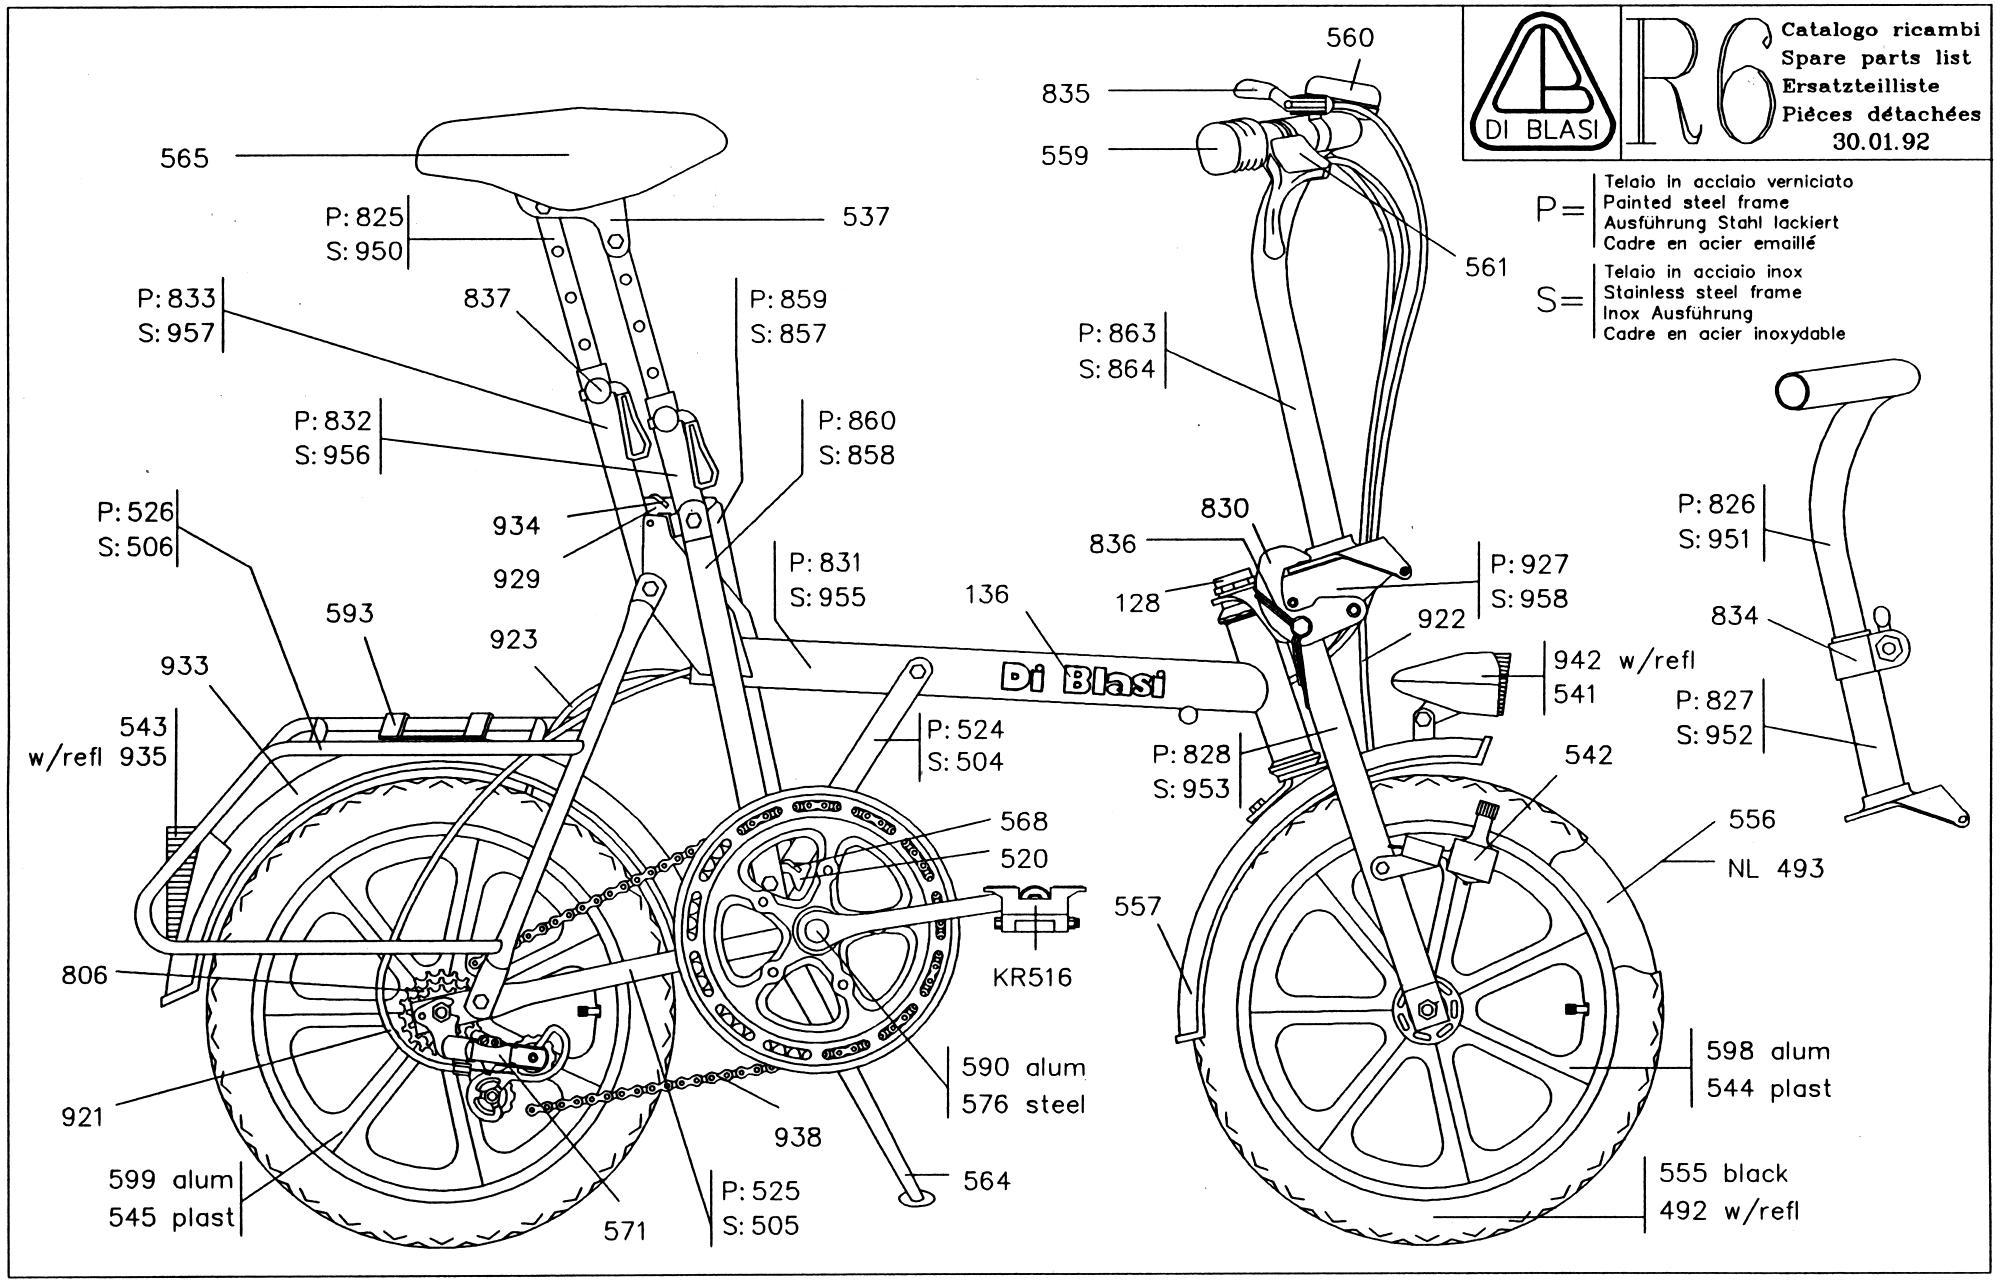 Bici Pieghevole Di Blasi.Ciclomotori Pieghevoli Tricicli Pieghevoli E Biciclette